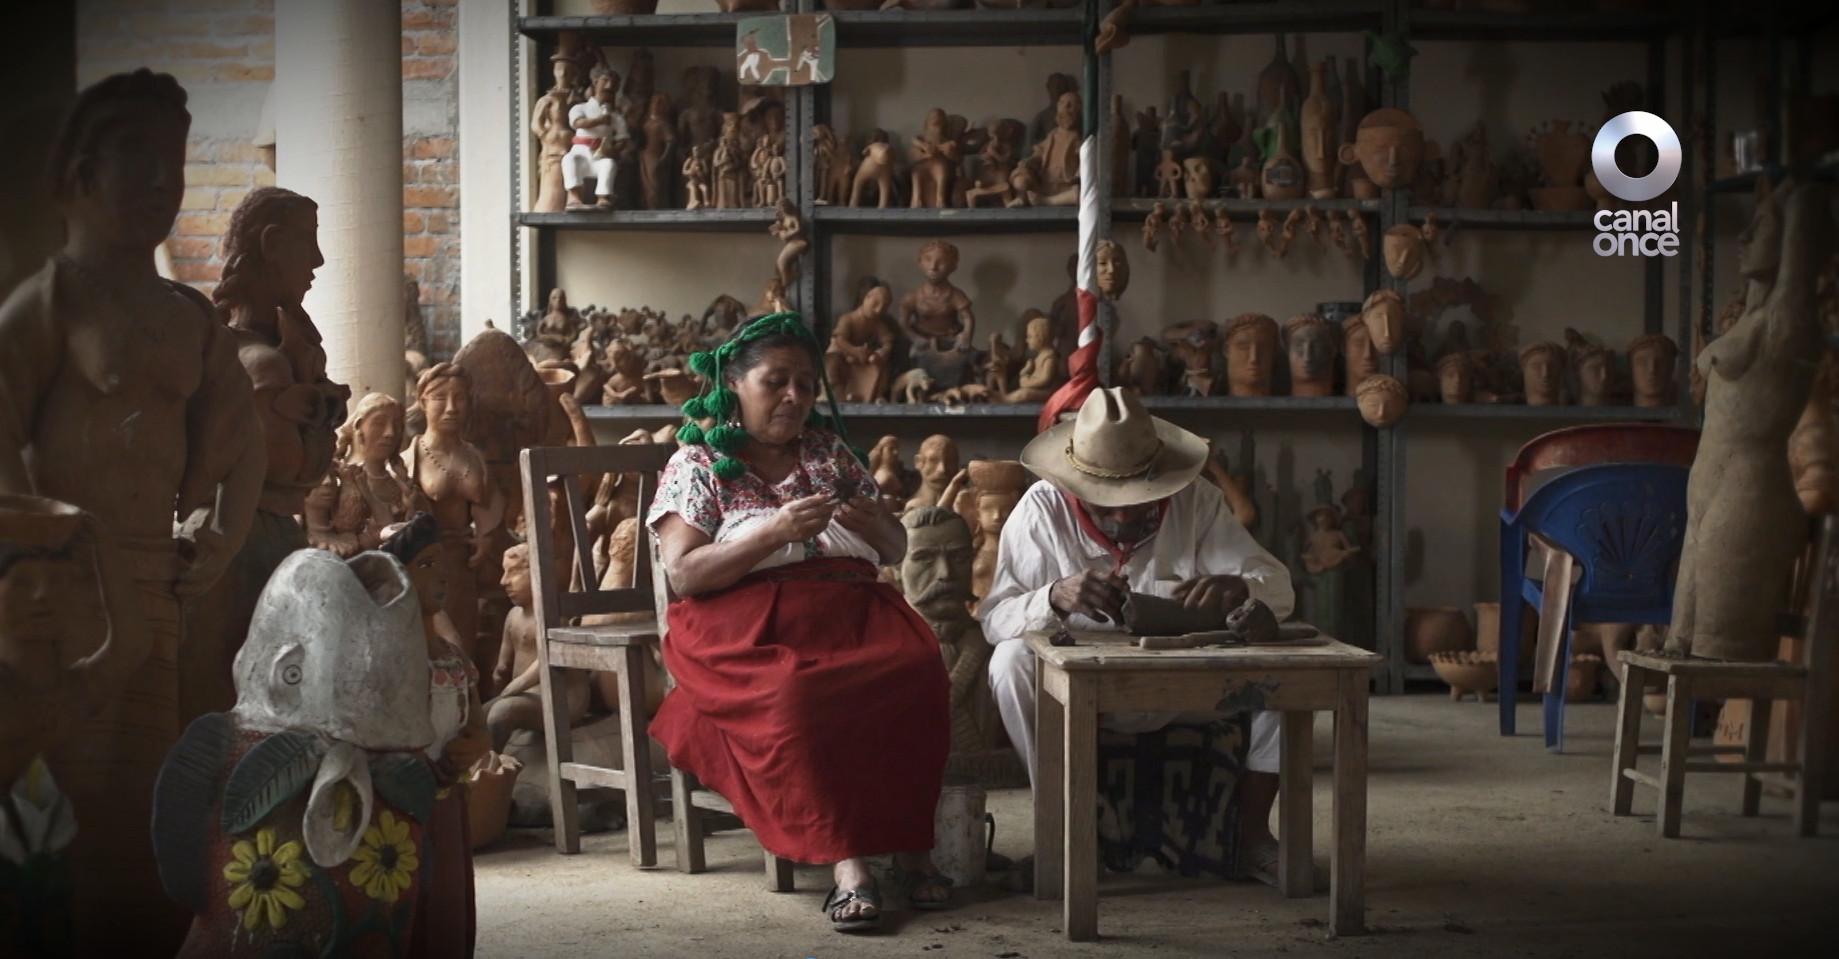 CREACIÓN Y OFICIO DOCUMENTA LA TRANSMISIÓN EL CONOCIMIENTO Y TALENTO DE ARTESANOS MEXICANOS